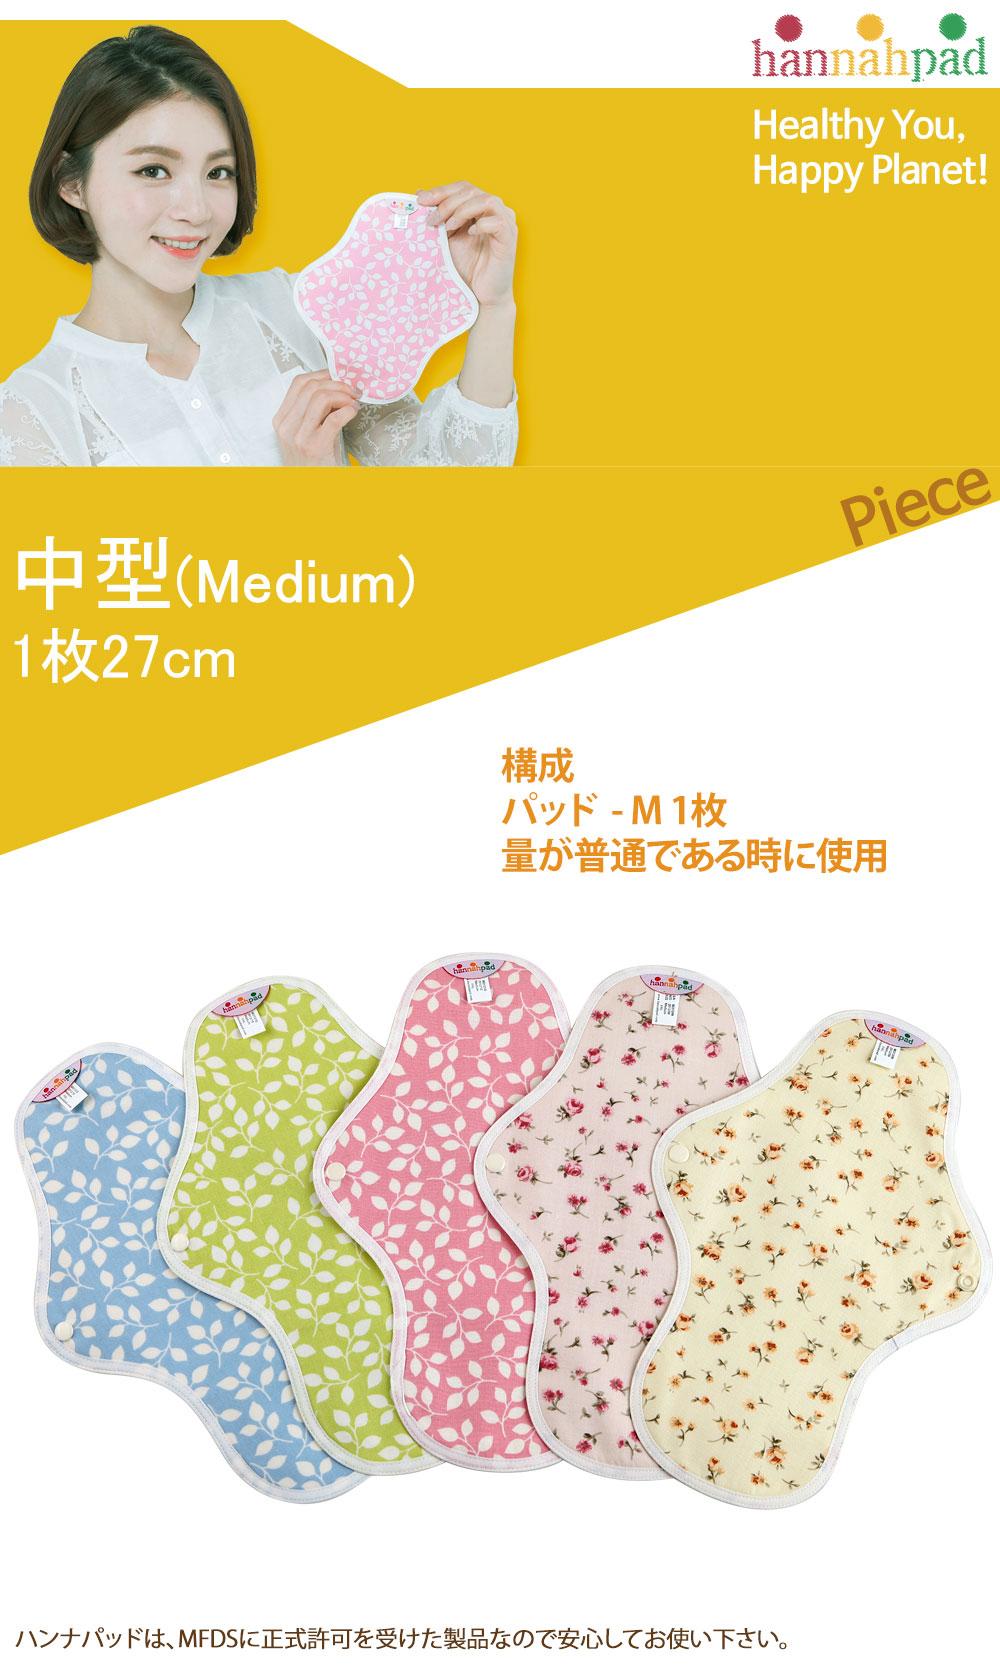 布ナプキン おりもの Medium 27Cm(厚さ:厚手)オーガニック布ナプキン 生理用品 有機栽培綿 月経布 布ナプキン オーガニックコットン